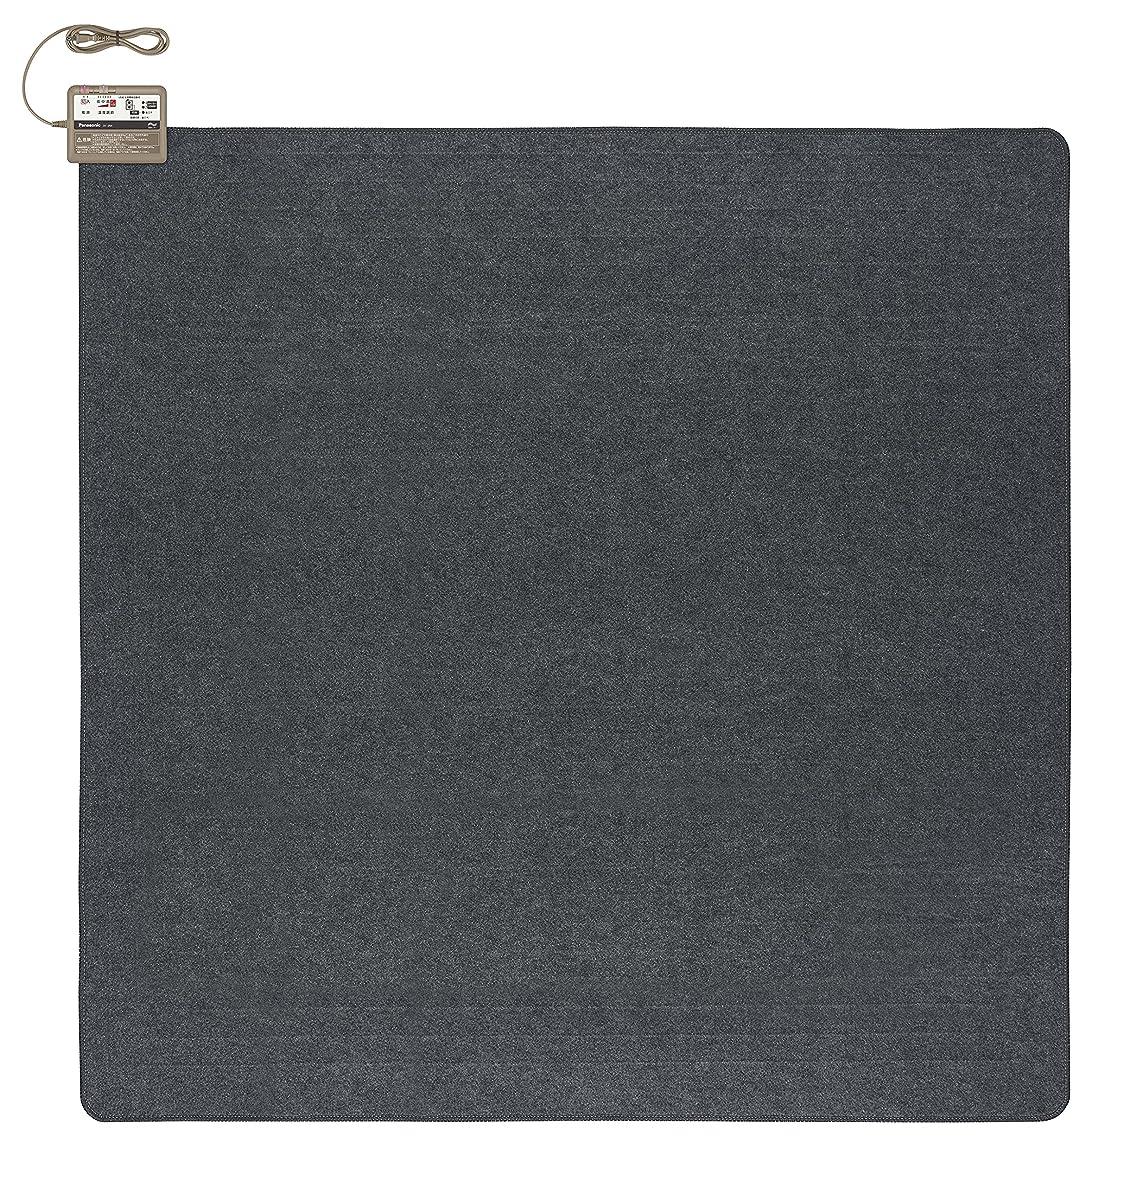 磁気一人でに応じてパナソニック ホットカーペット ヒーター本体 2畳 176×176cm DC-2NK